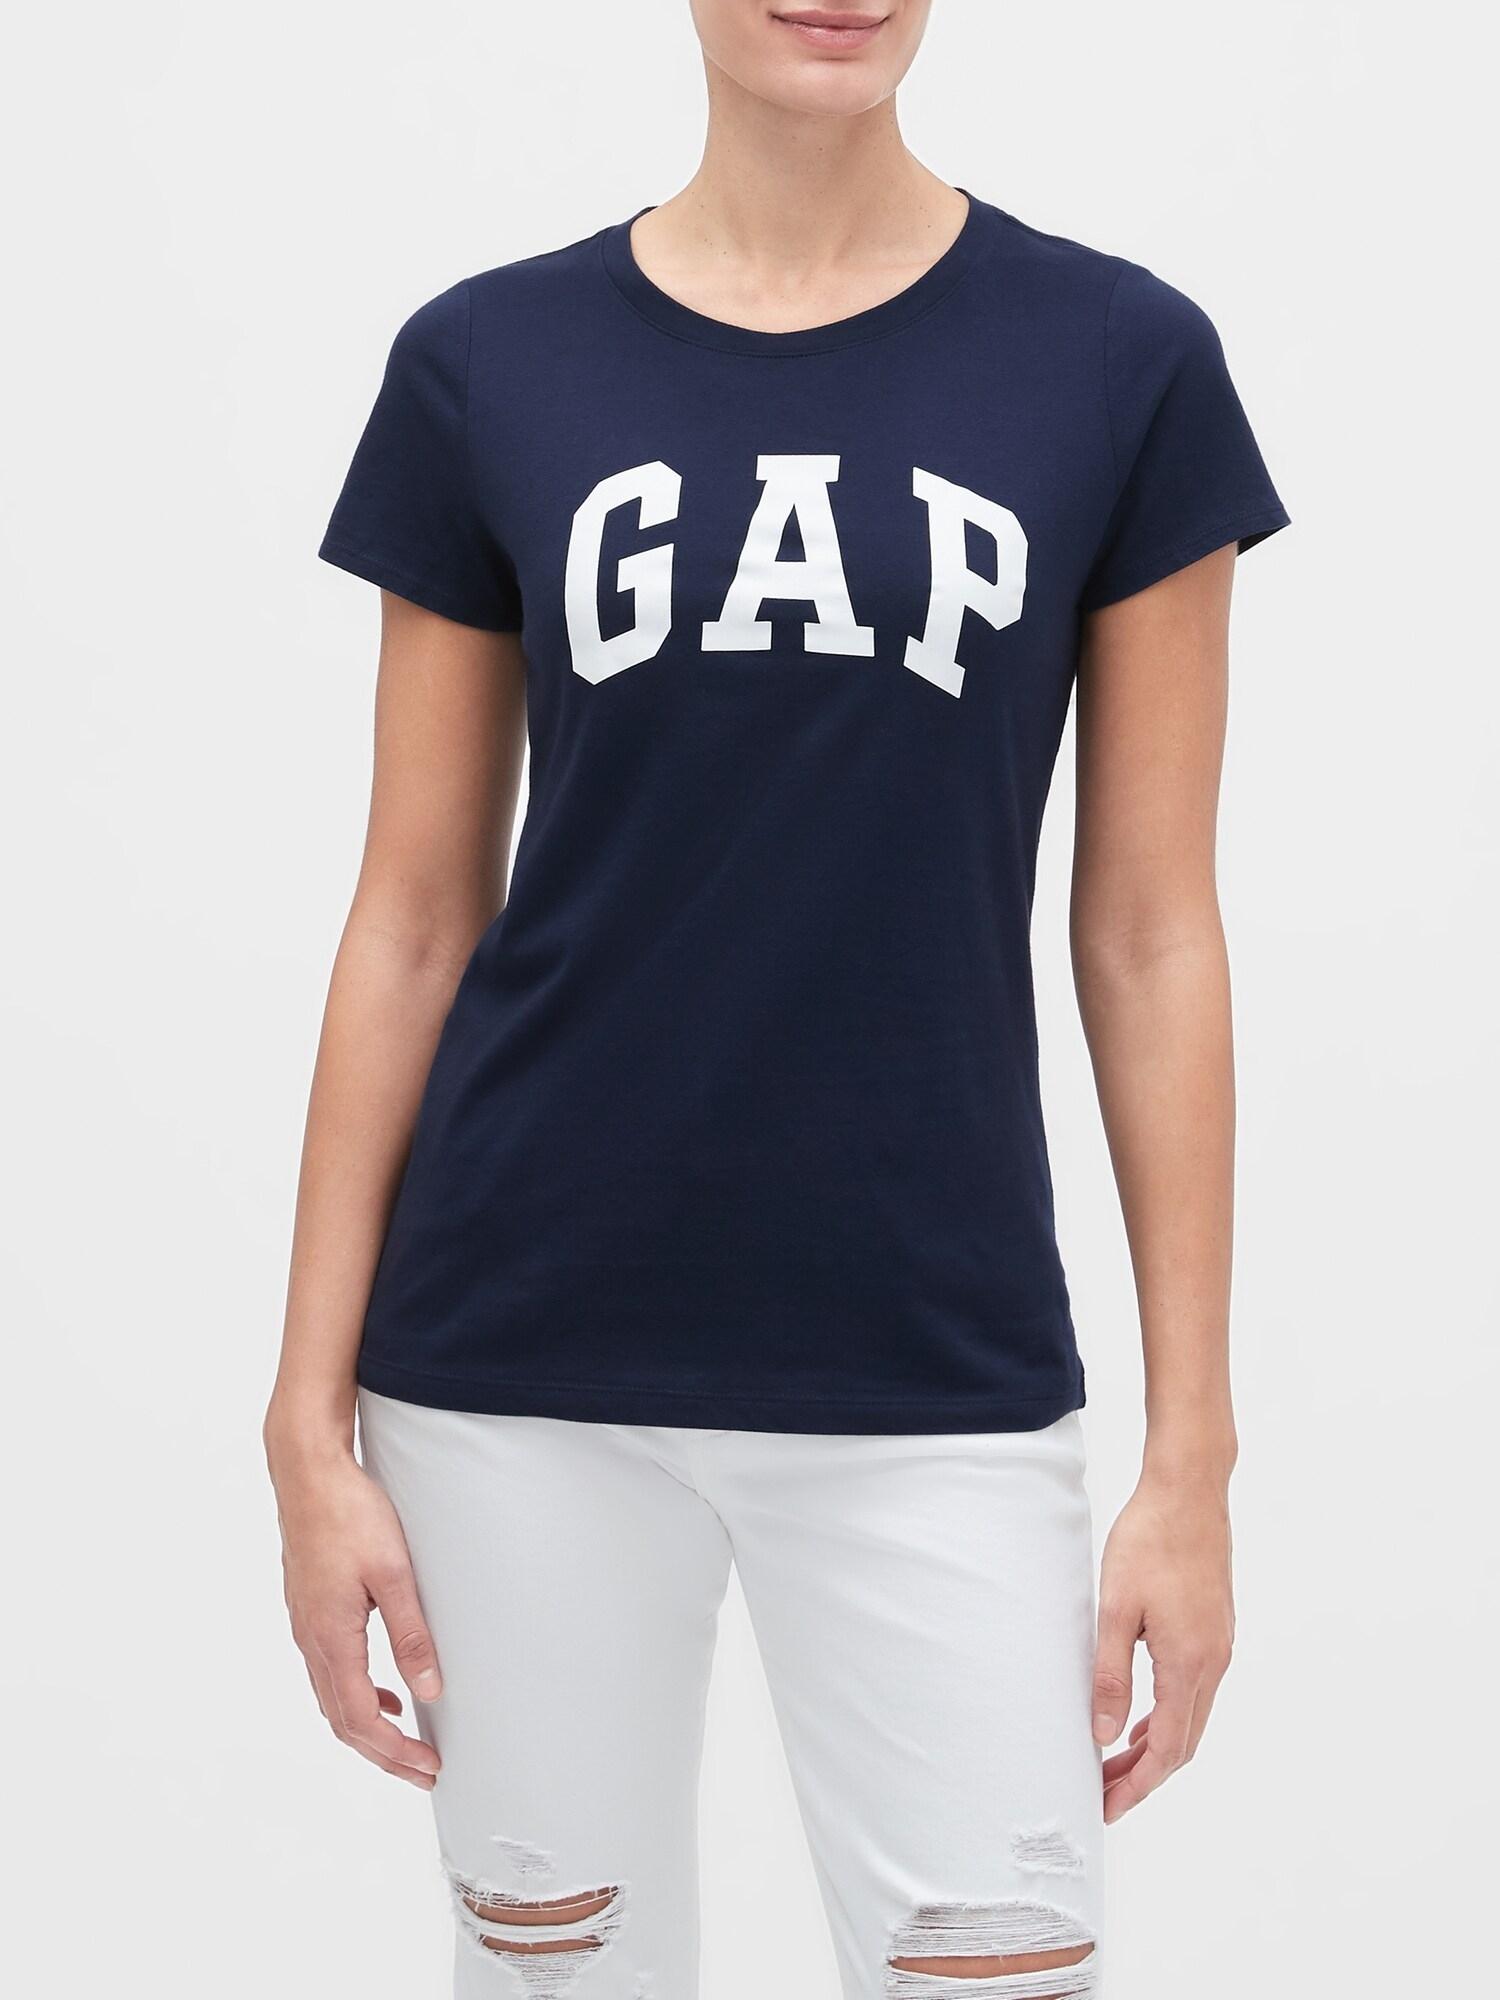 GAP Women's t-shirt blue